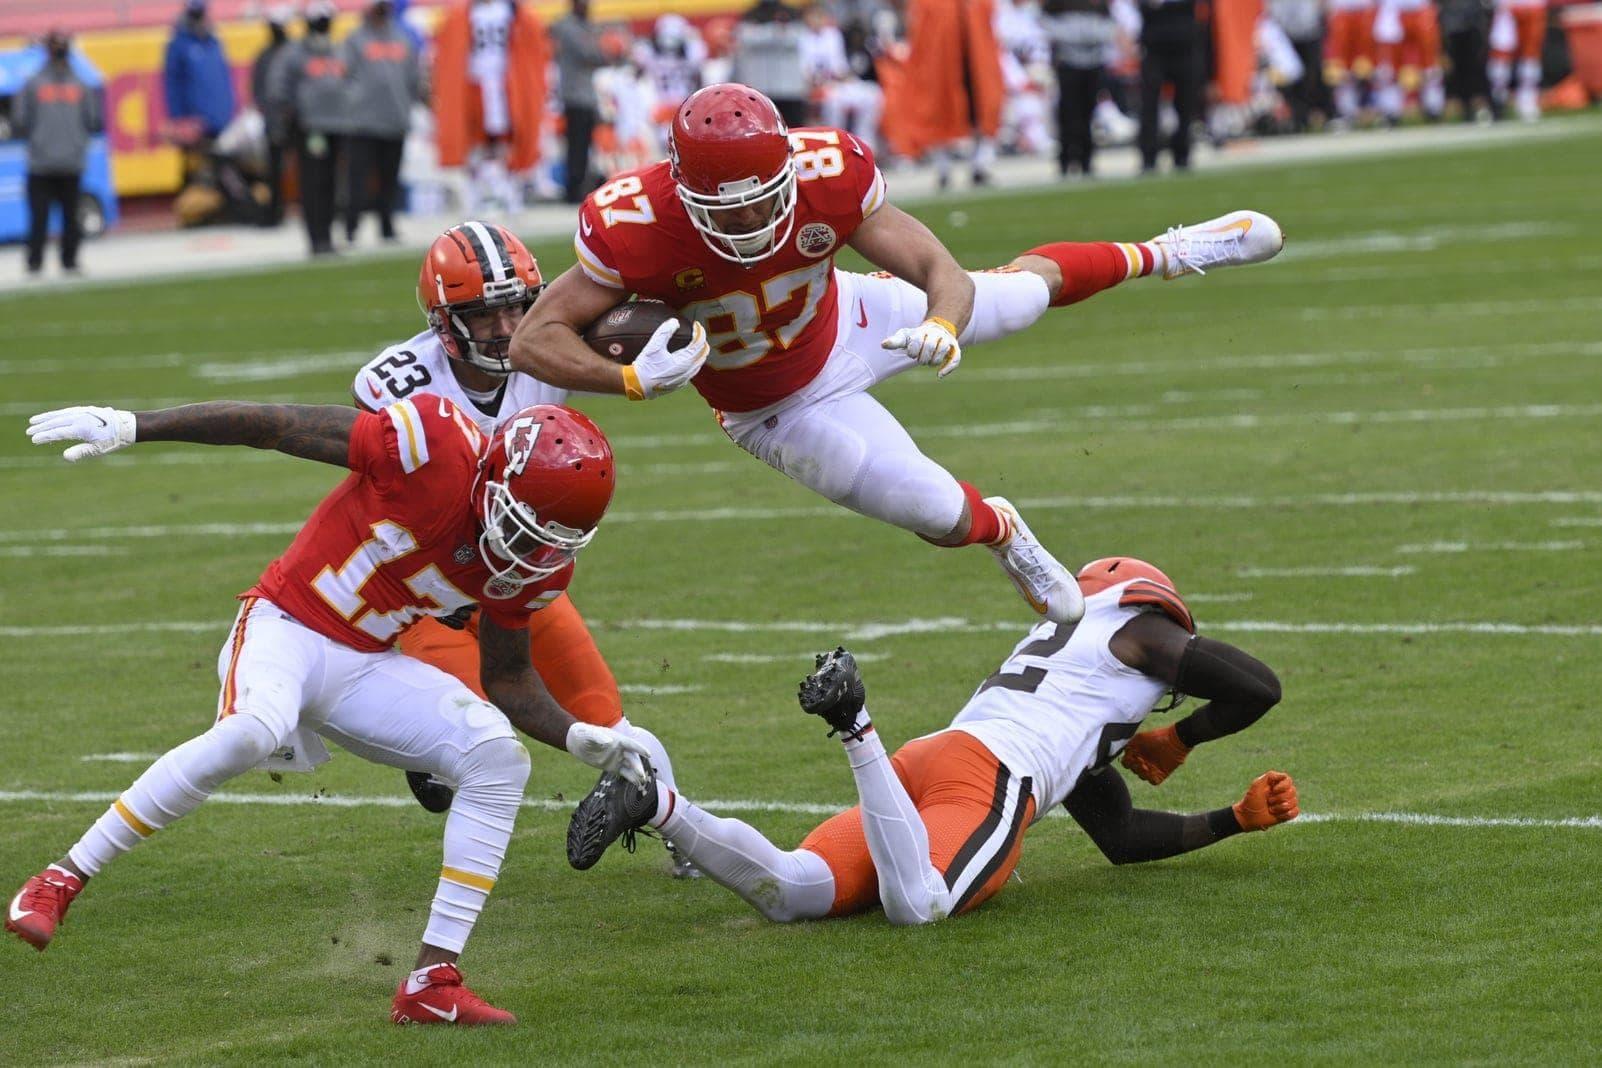 NFL Playoffs 2021: Spielplan, Ergebnisse, Übertragung bei ProSieben und DAZN – die Infos